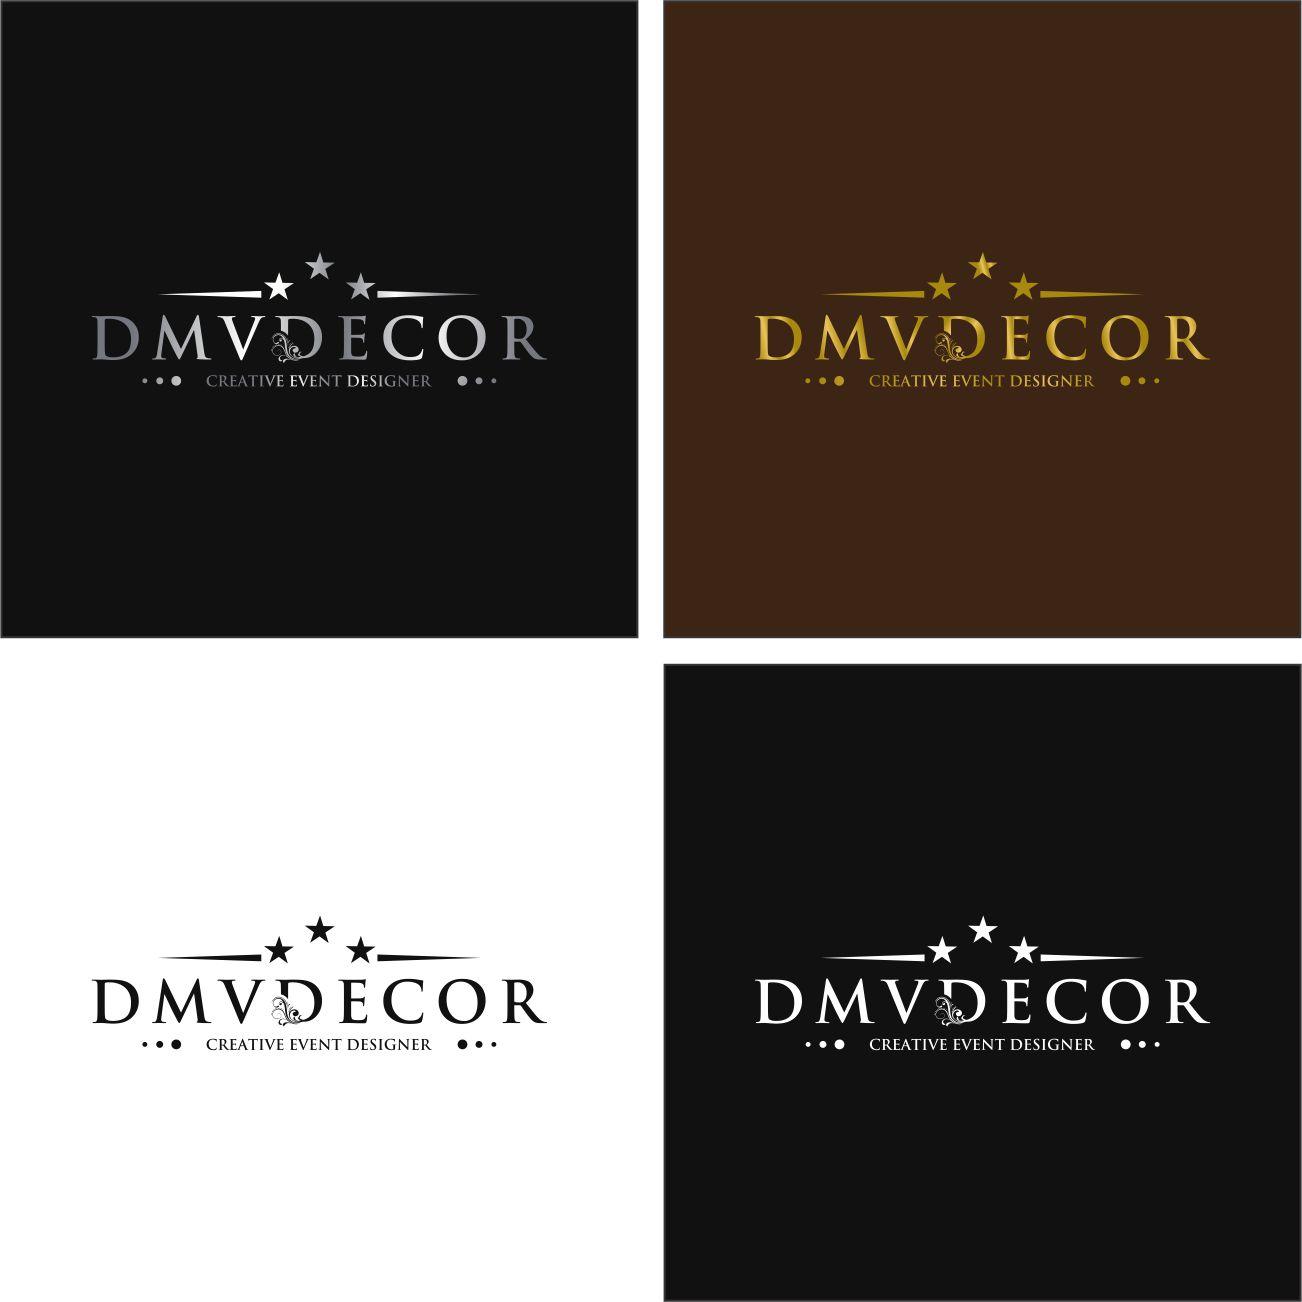 Logo Design by RasYa Muhammad Athaya - Entry No. 216 in the Logo Design Contest dmvdecor Logo Design.